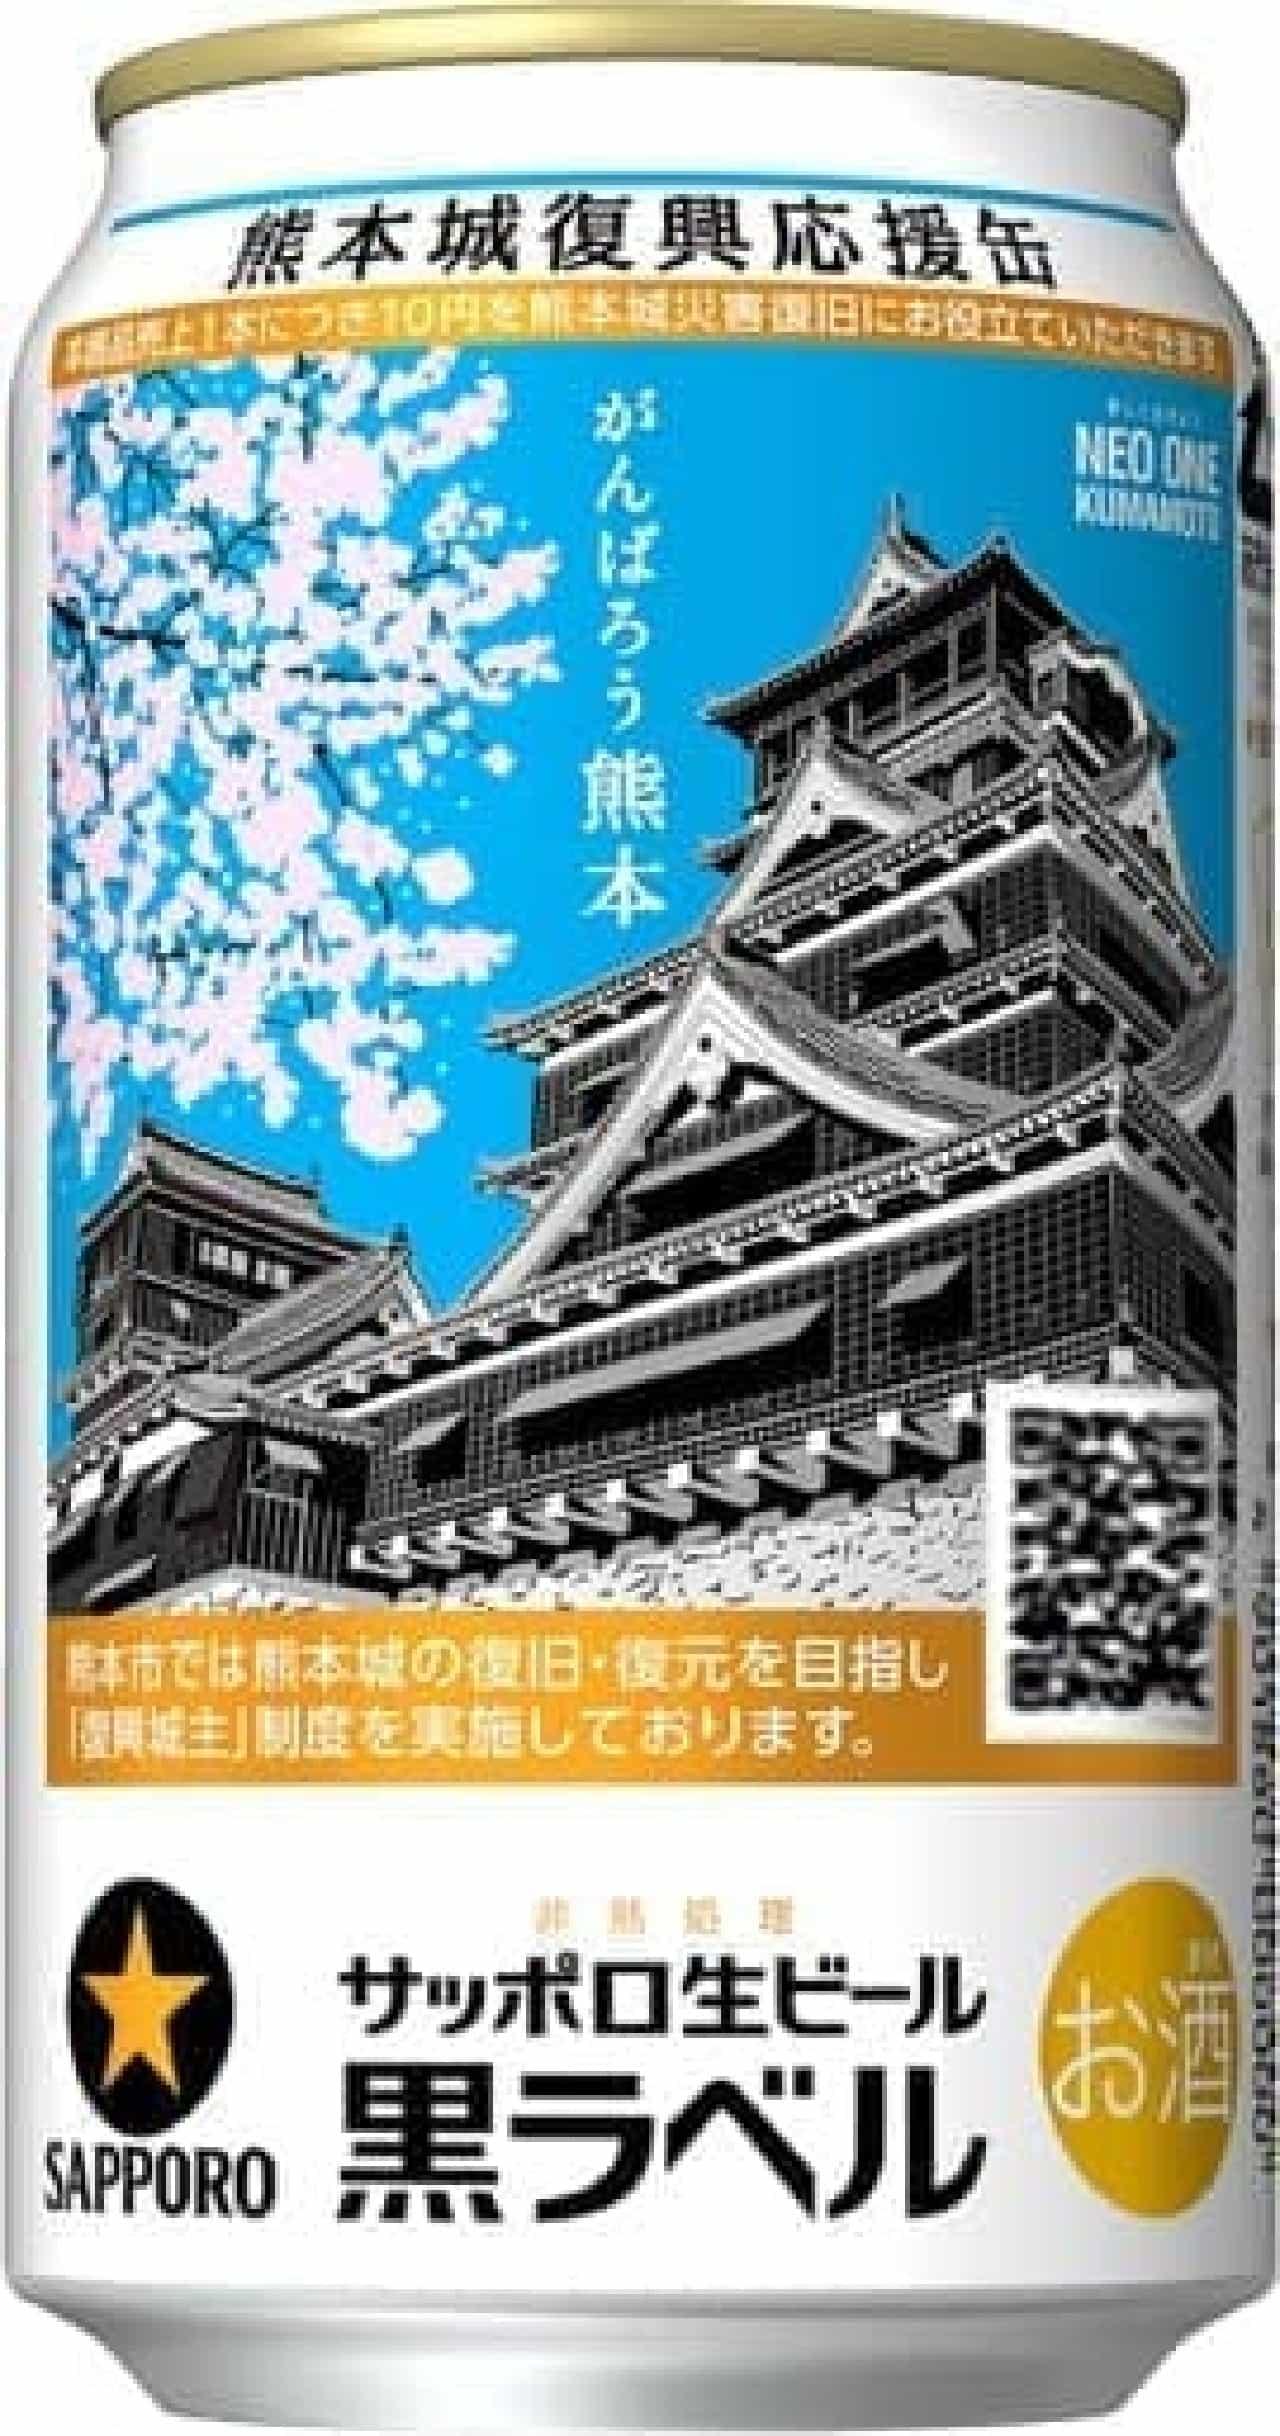 サッポロ生ビール黒ラベル「熊本城復興応援缶」